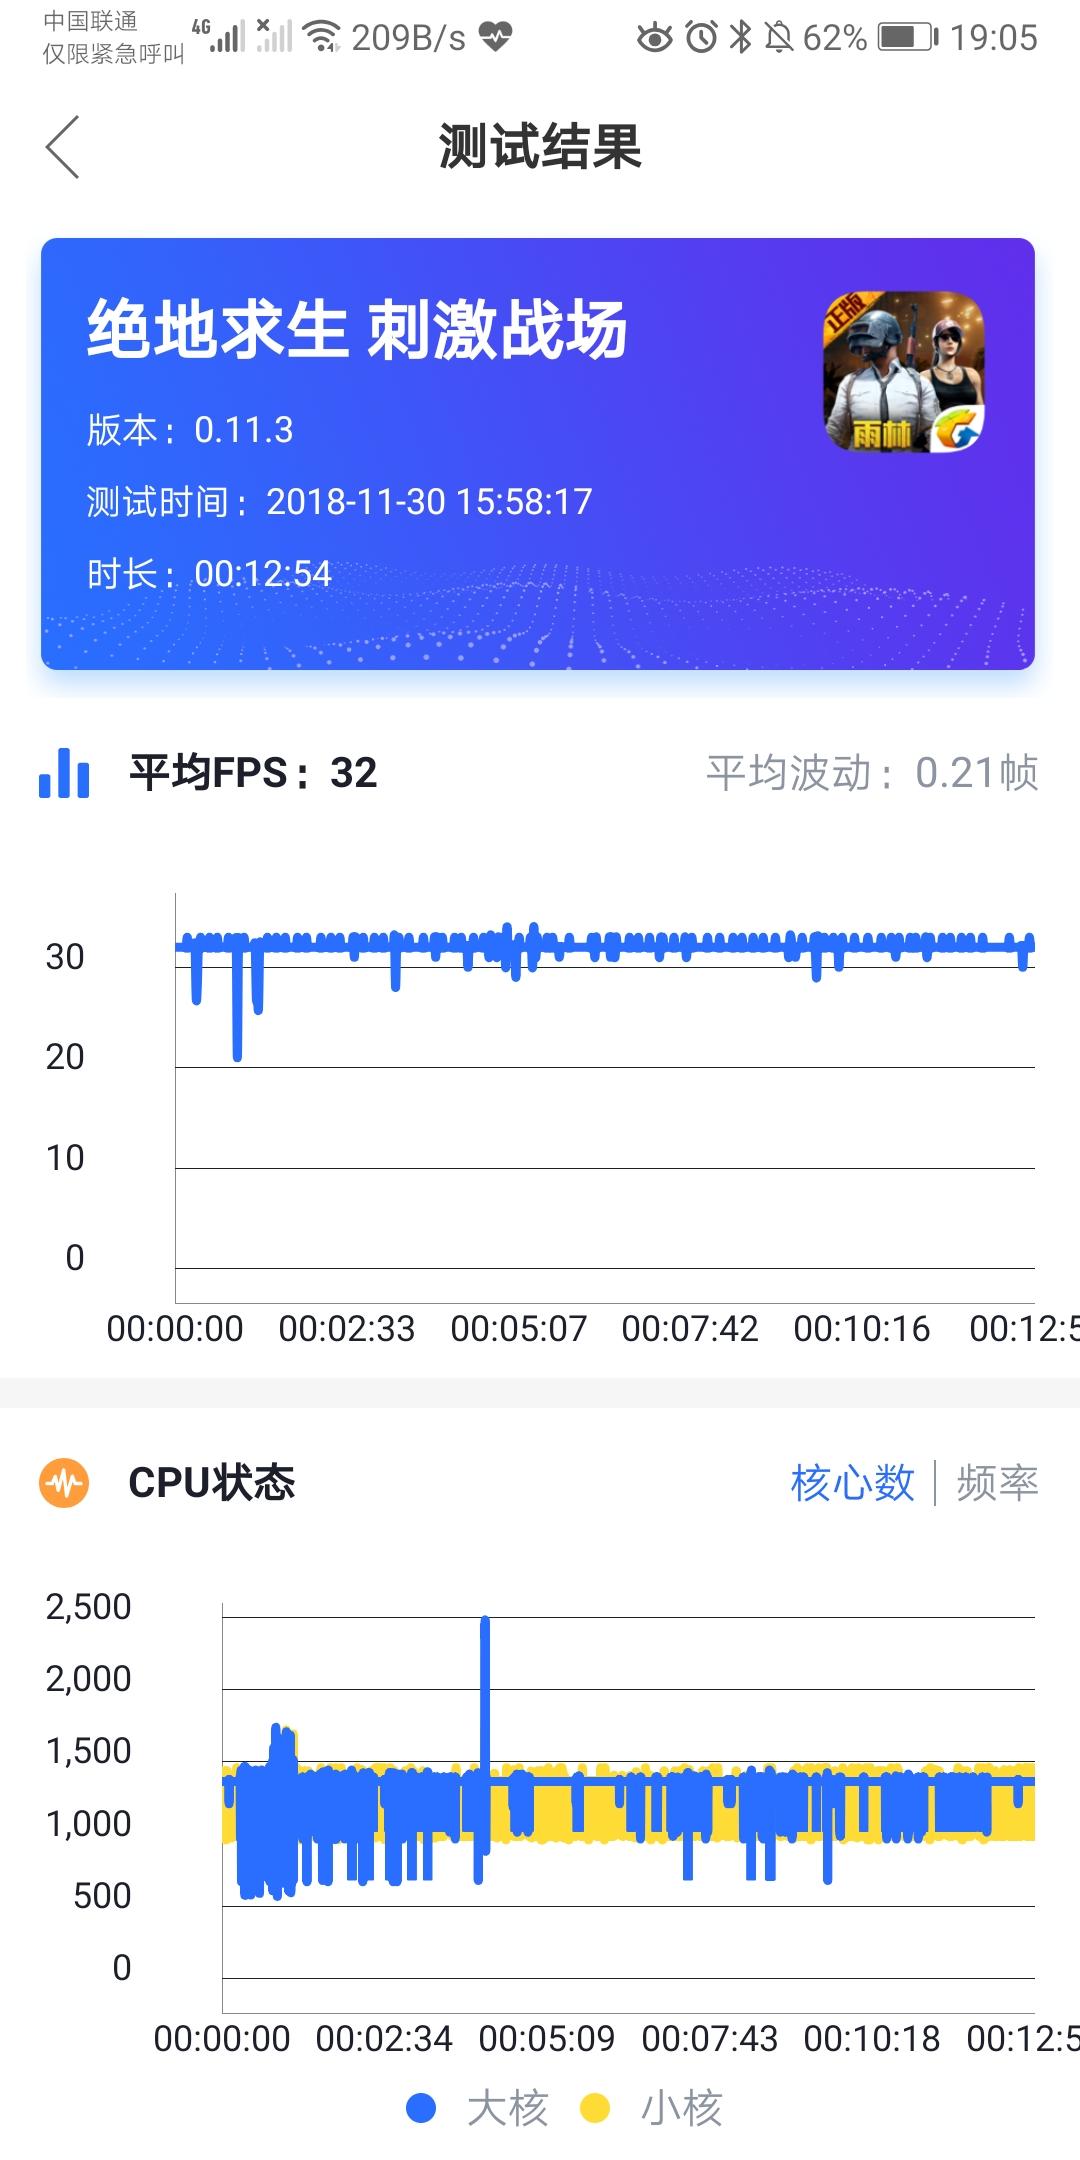 Screenshot_20181130_190544_com.af.benchaf.jpg